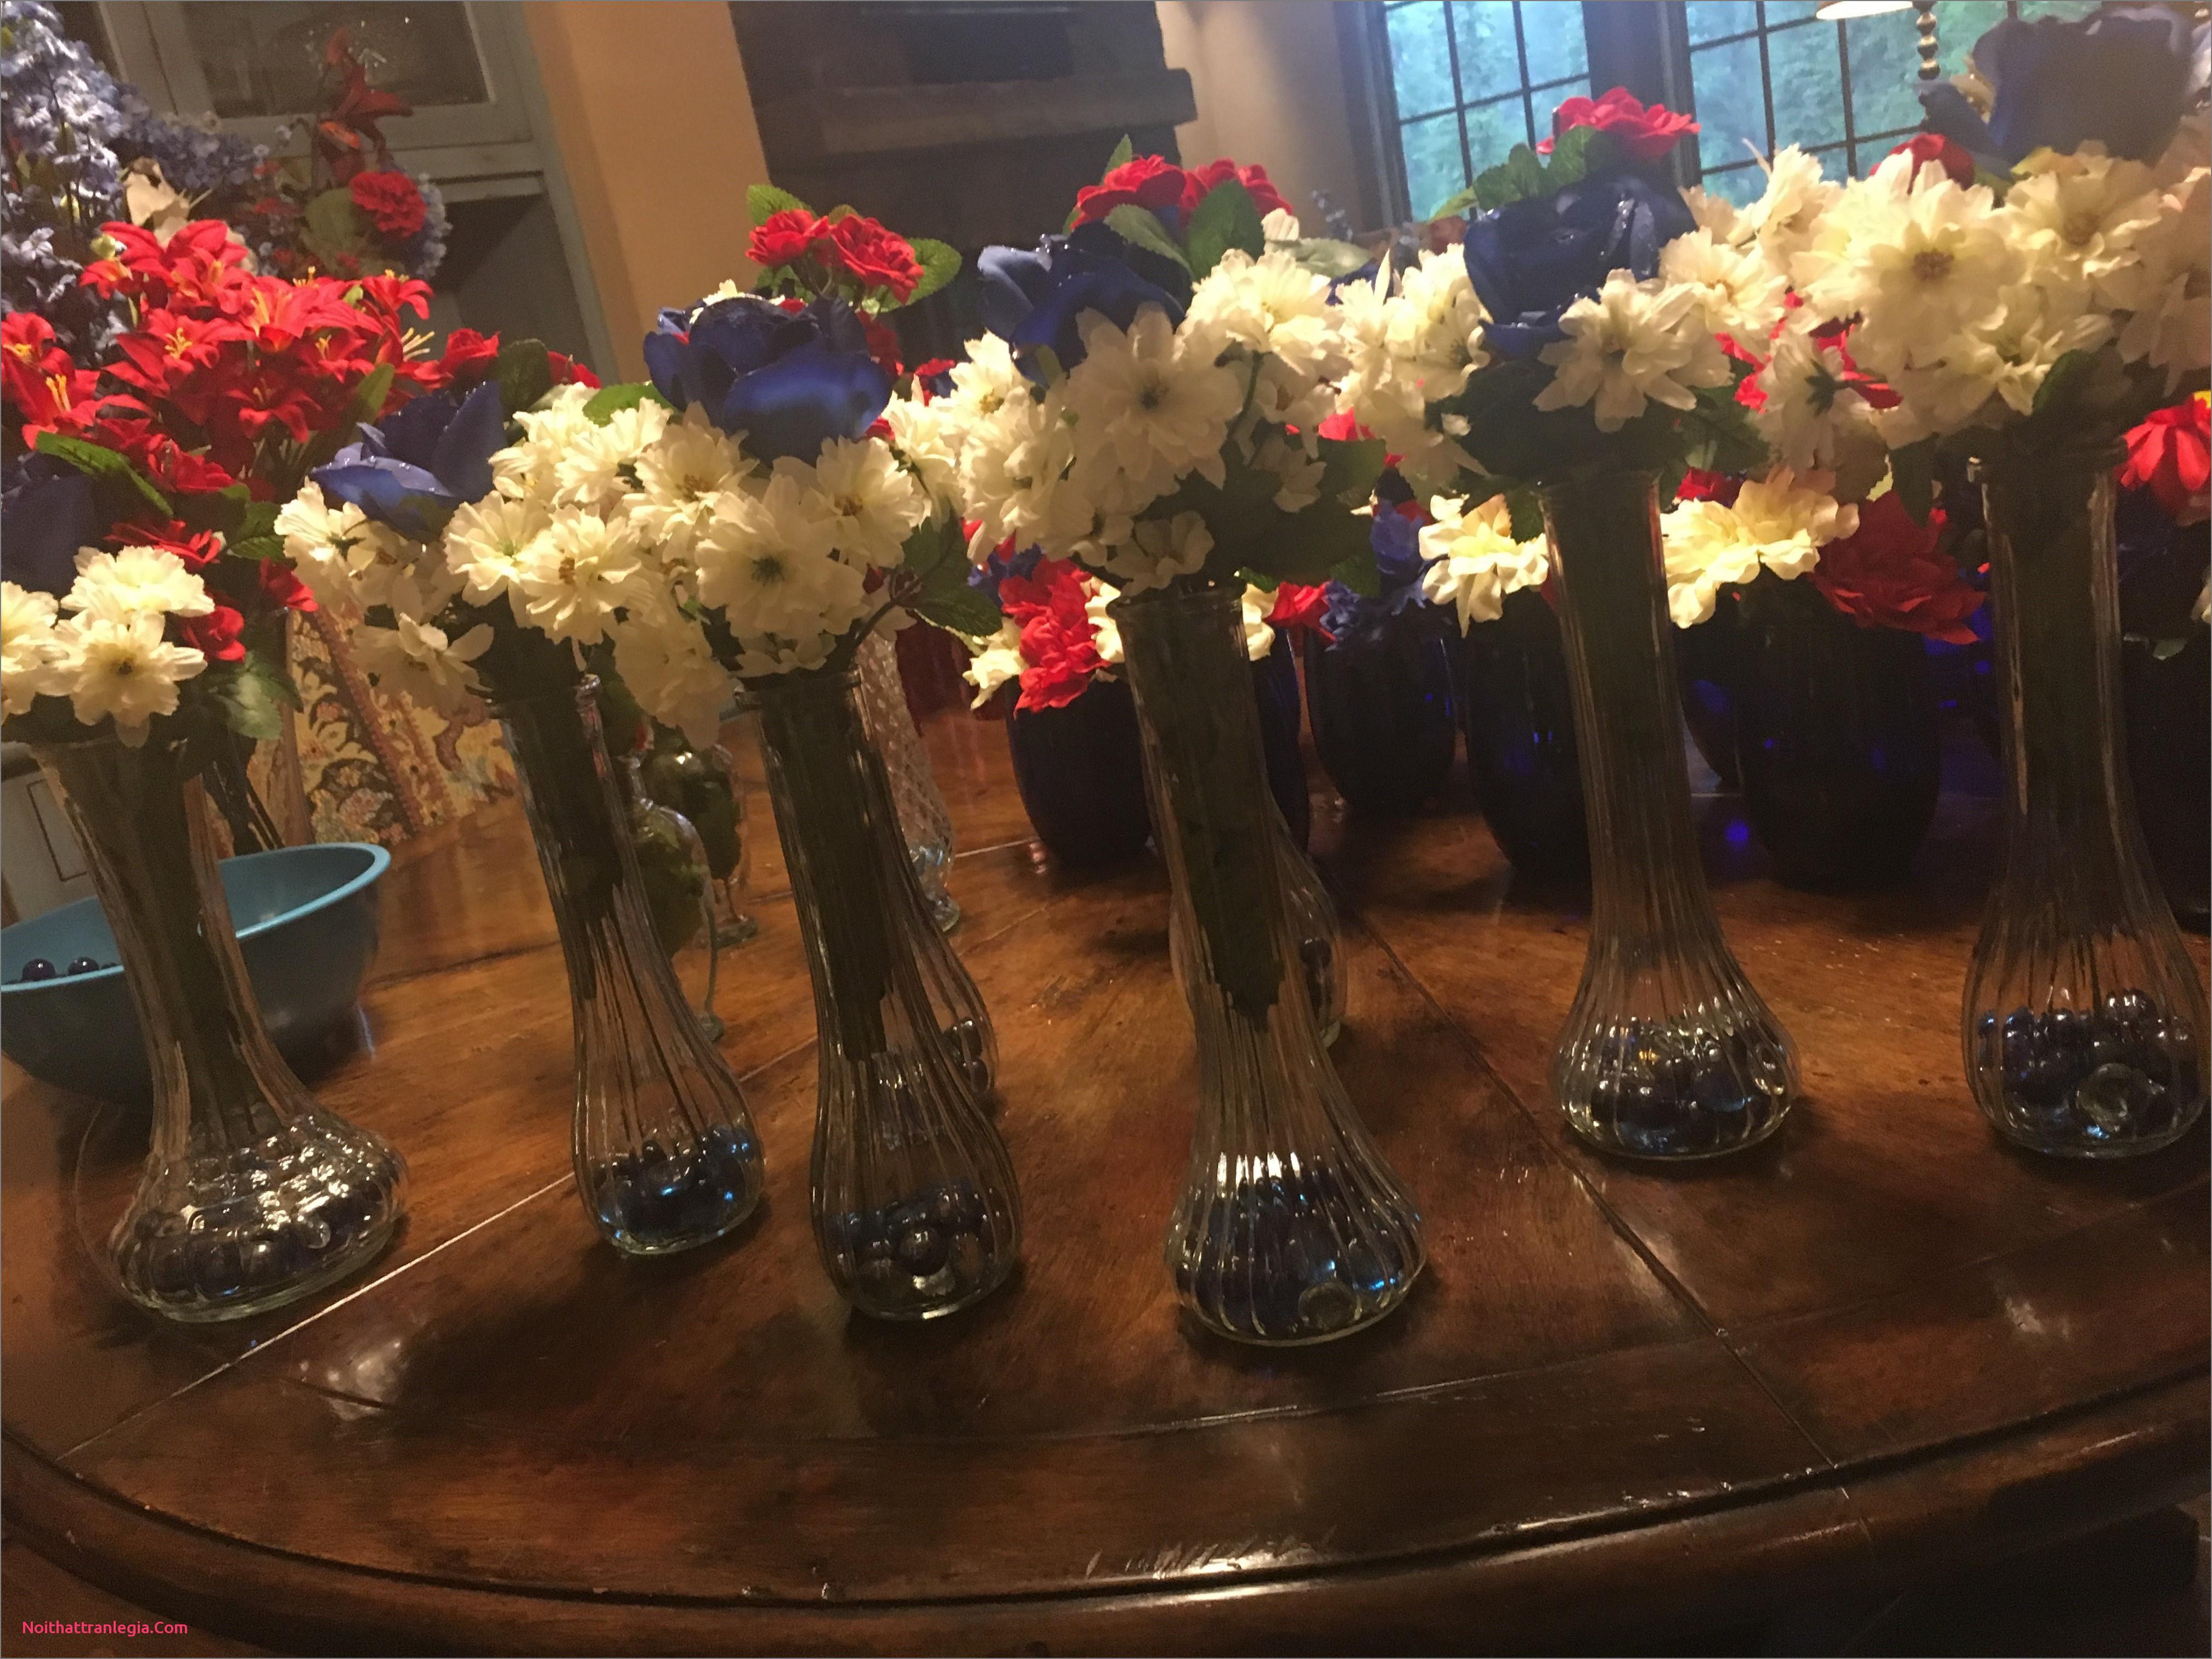 small glass vase flower arrangements of 20 wedding vases noithattranlegia vases design intended for decoration line luxury dollar tree wedding decorations awesome h vases dollar vase i 0d